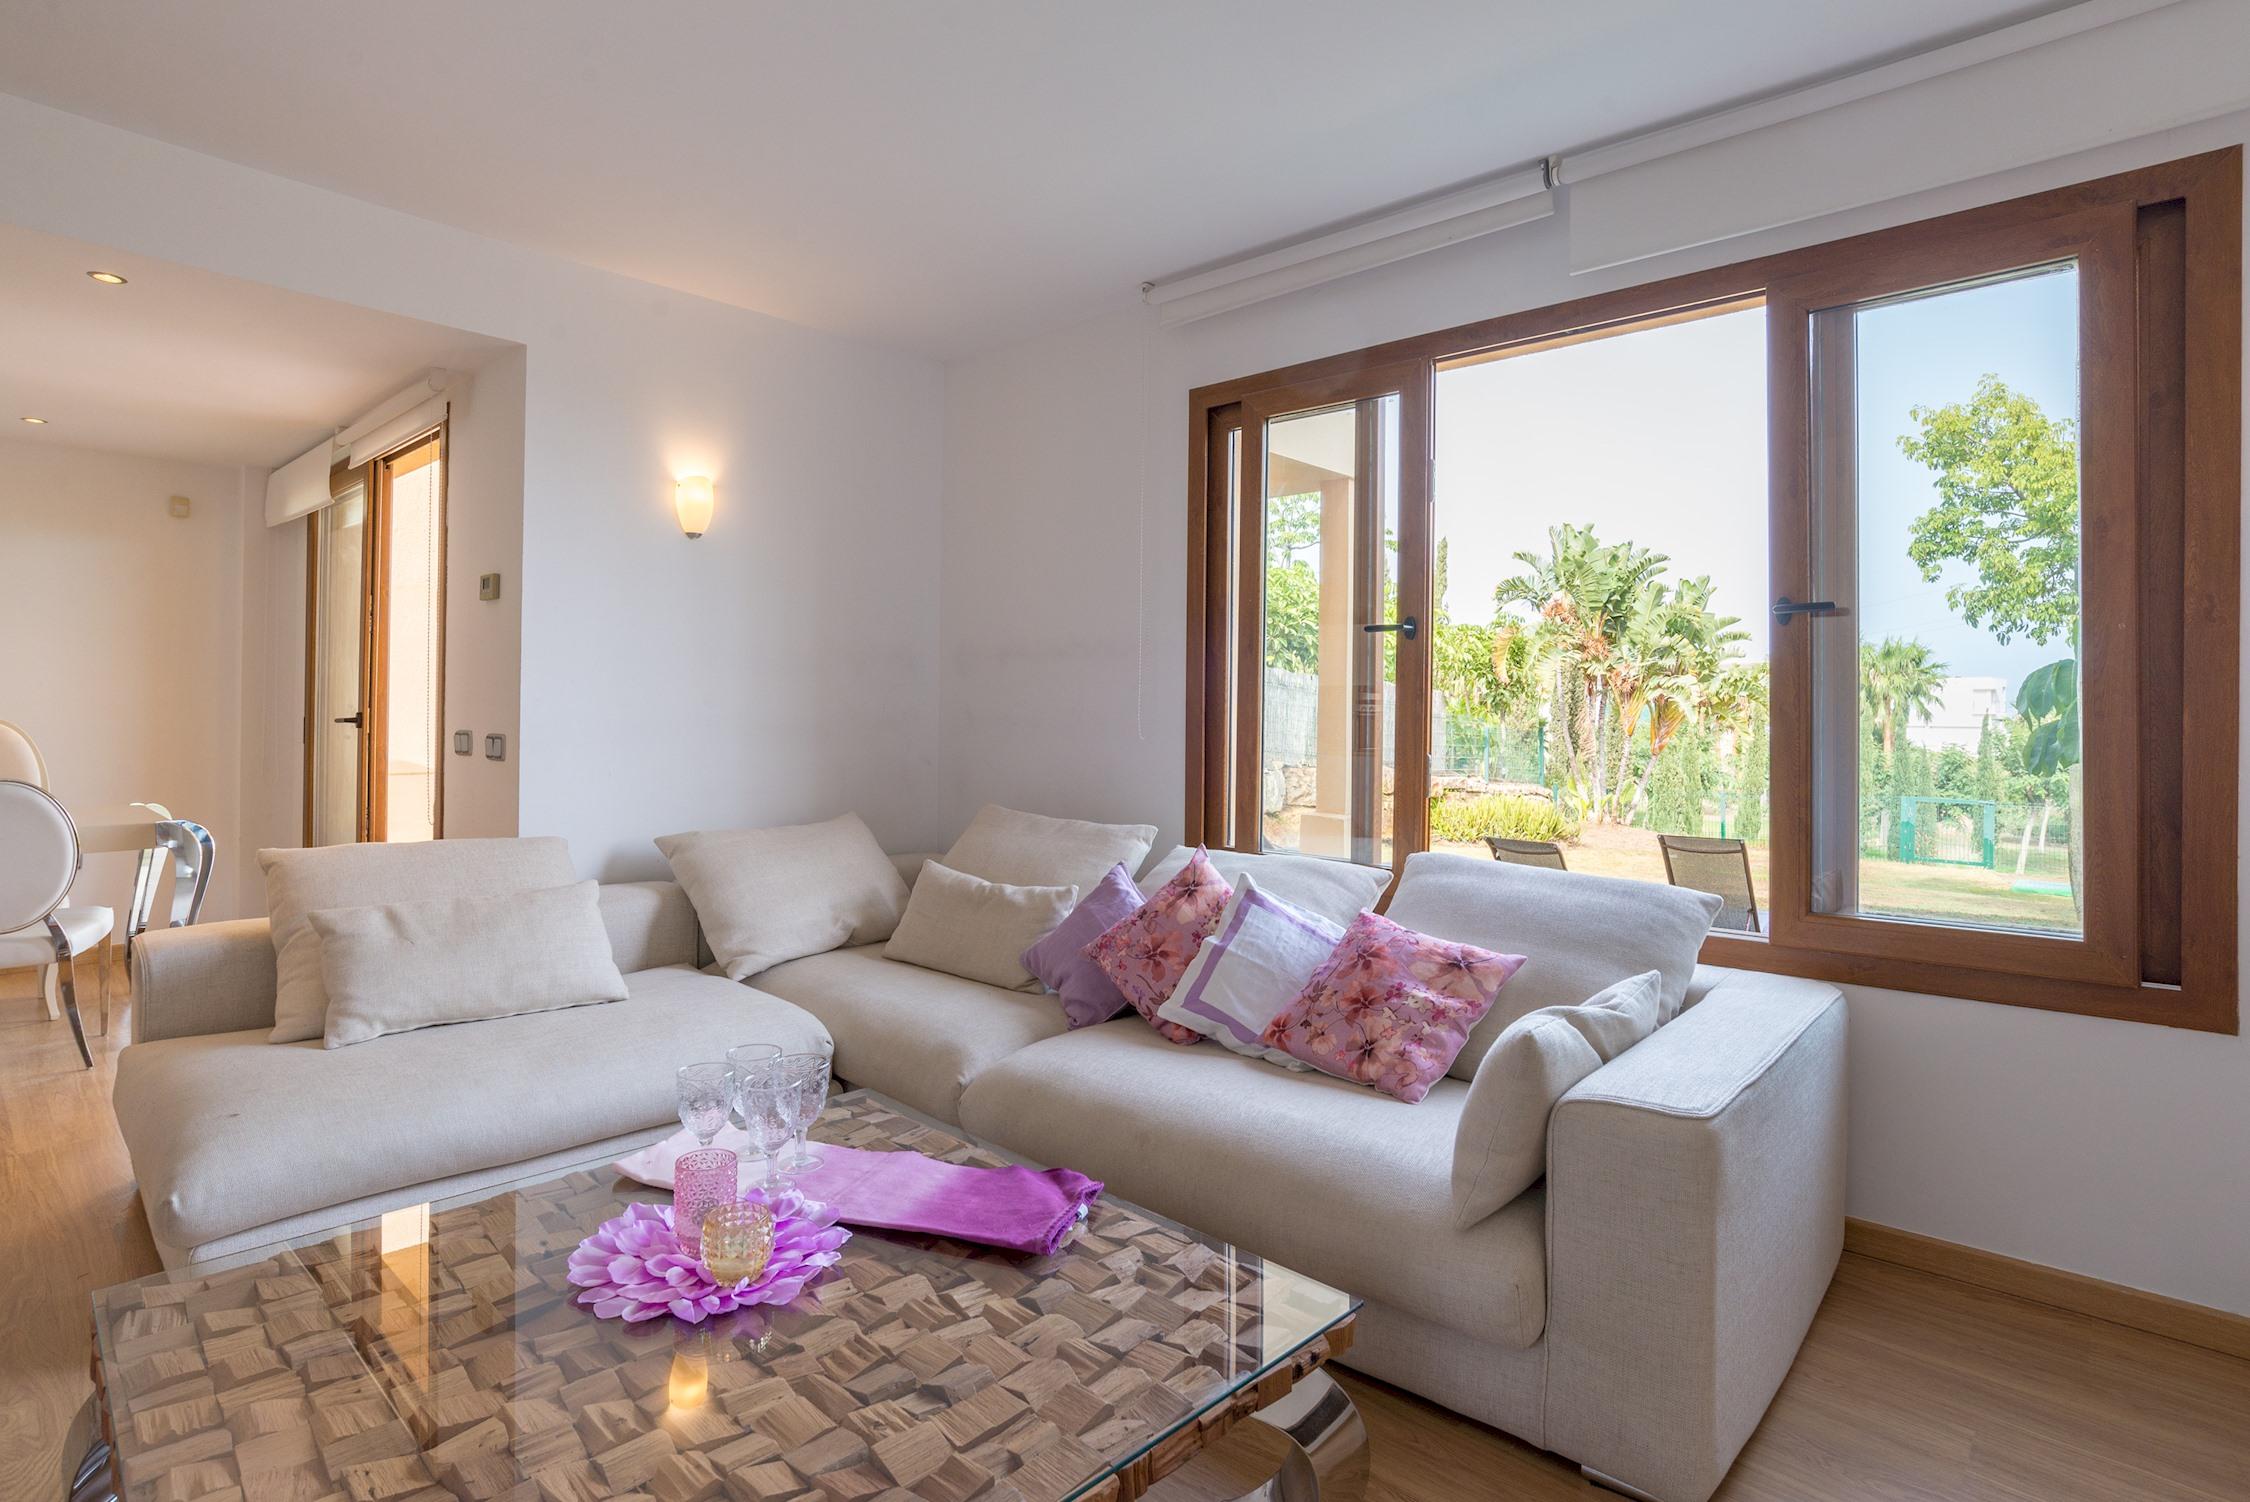 Apartment MalagaSuite Private Deluxe Villa photo 20498741